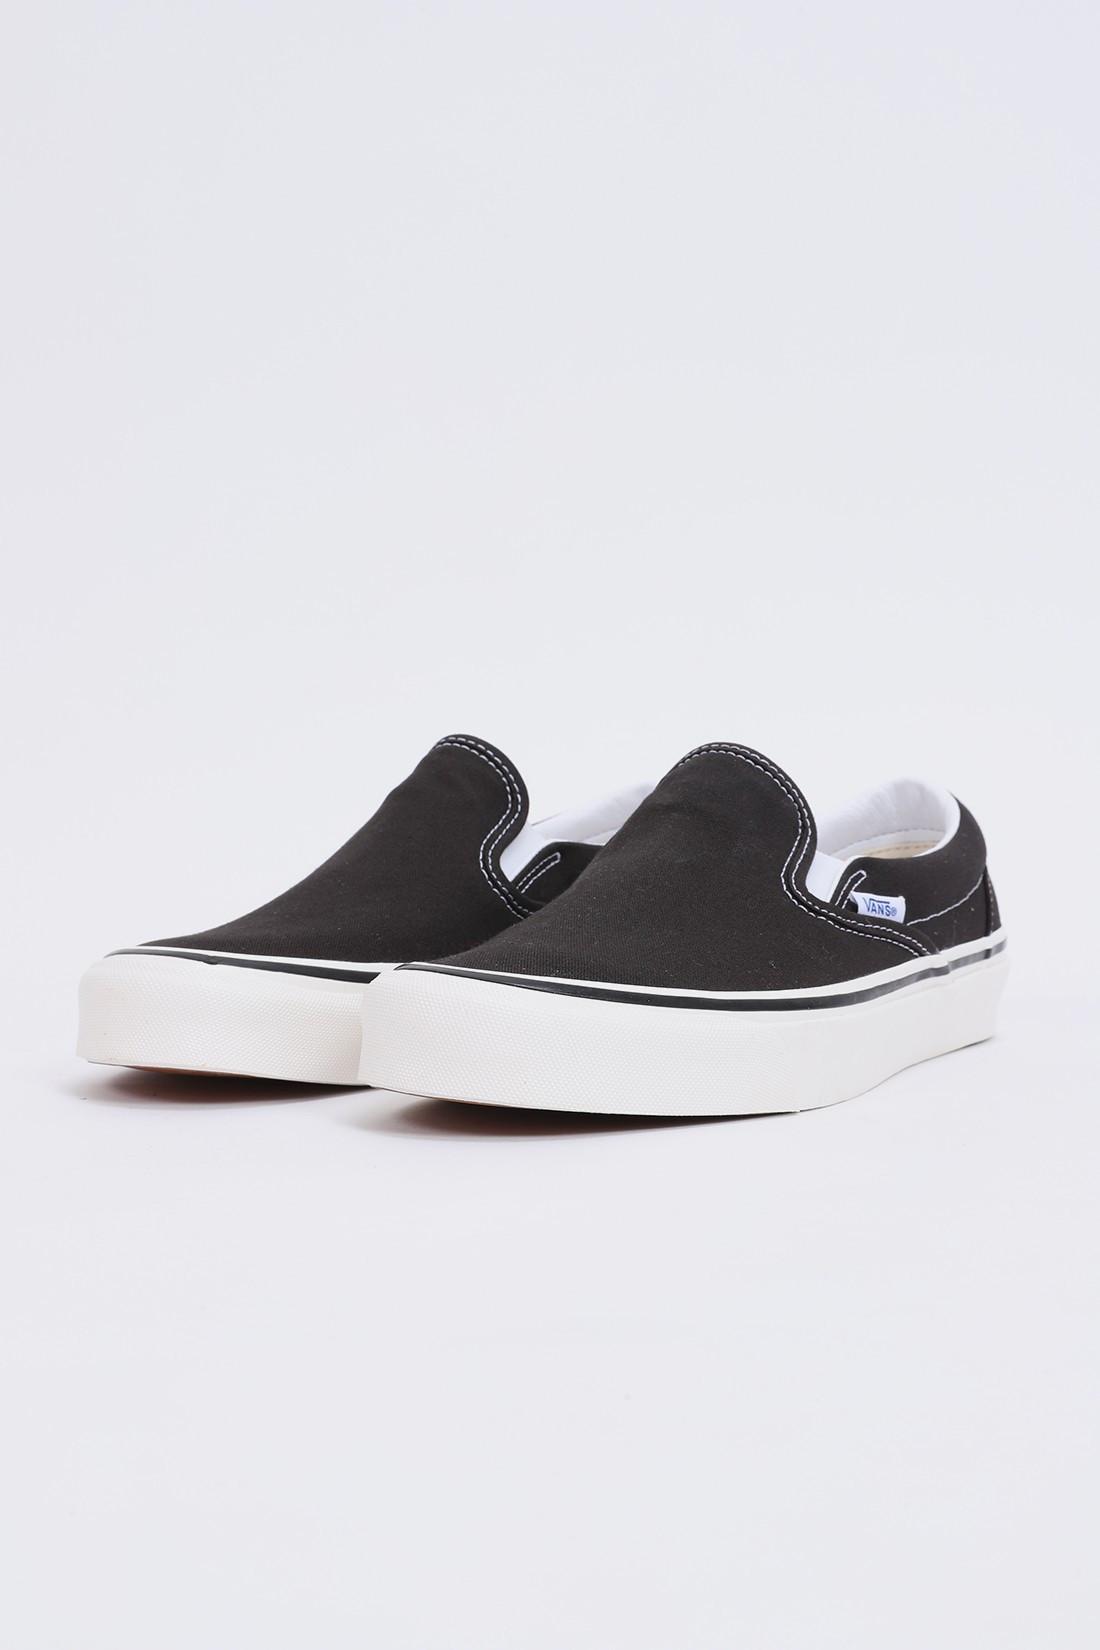 VANS / Classic slip-on 98 dx Black